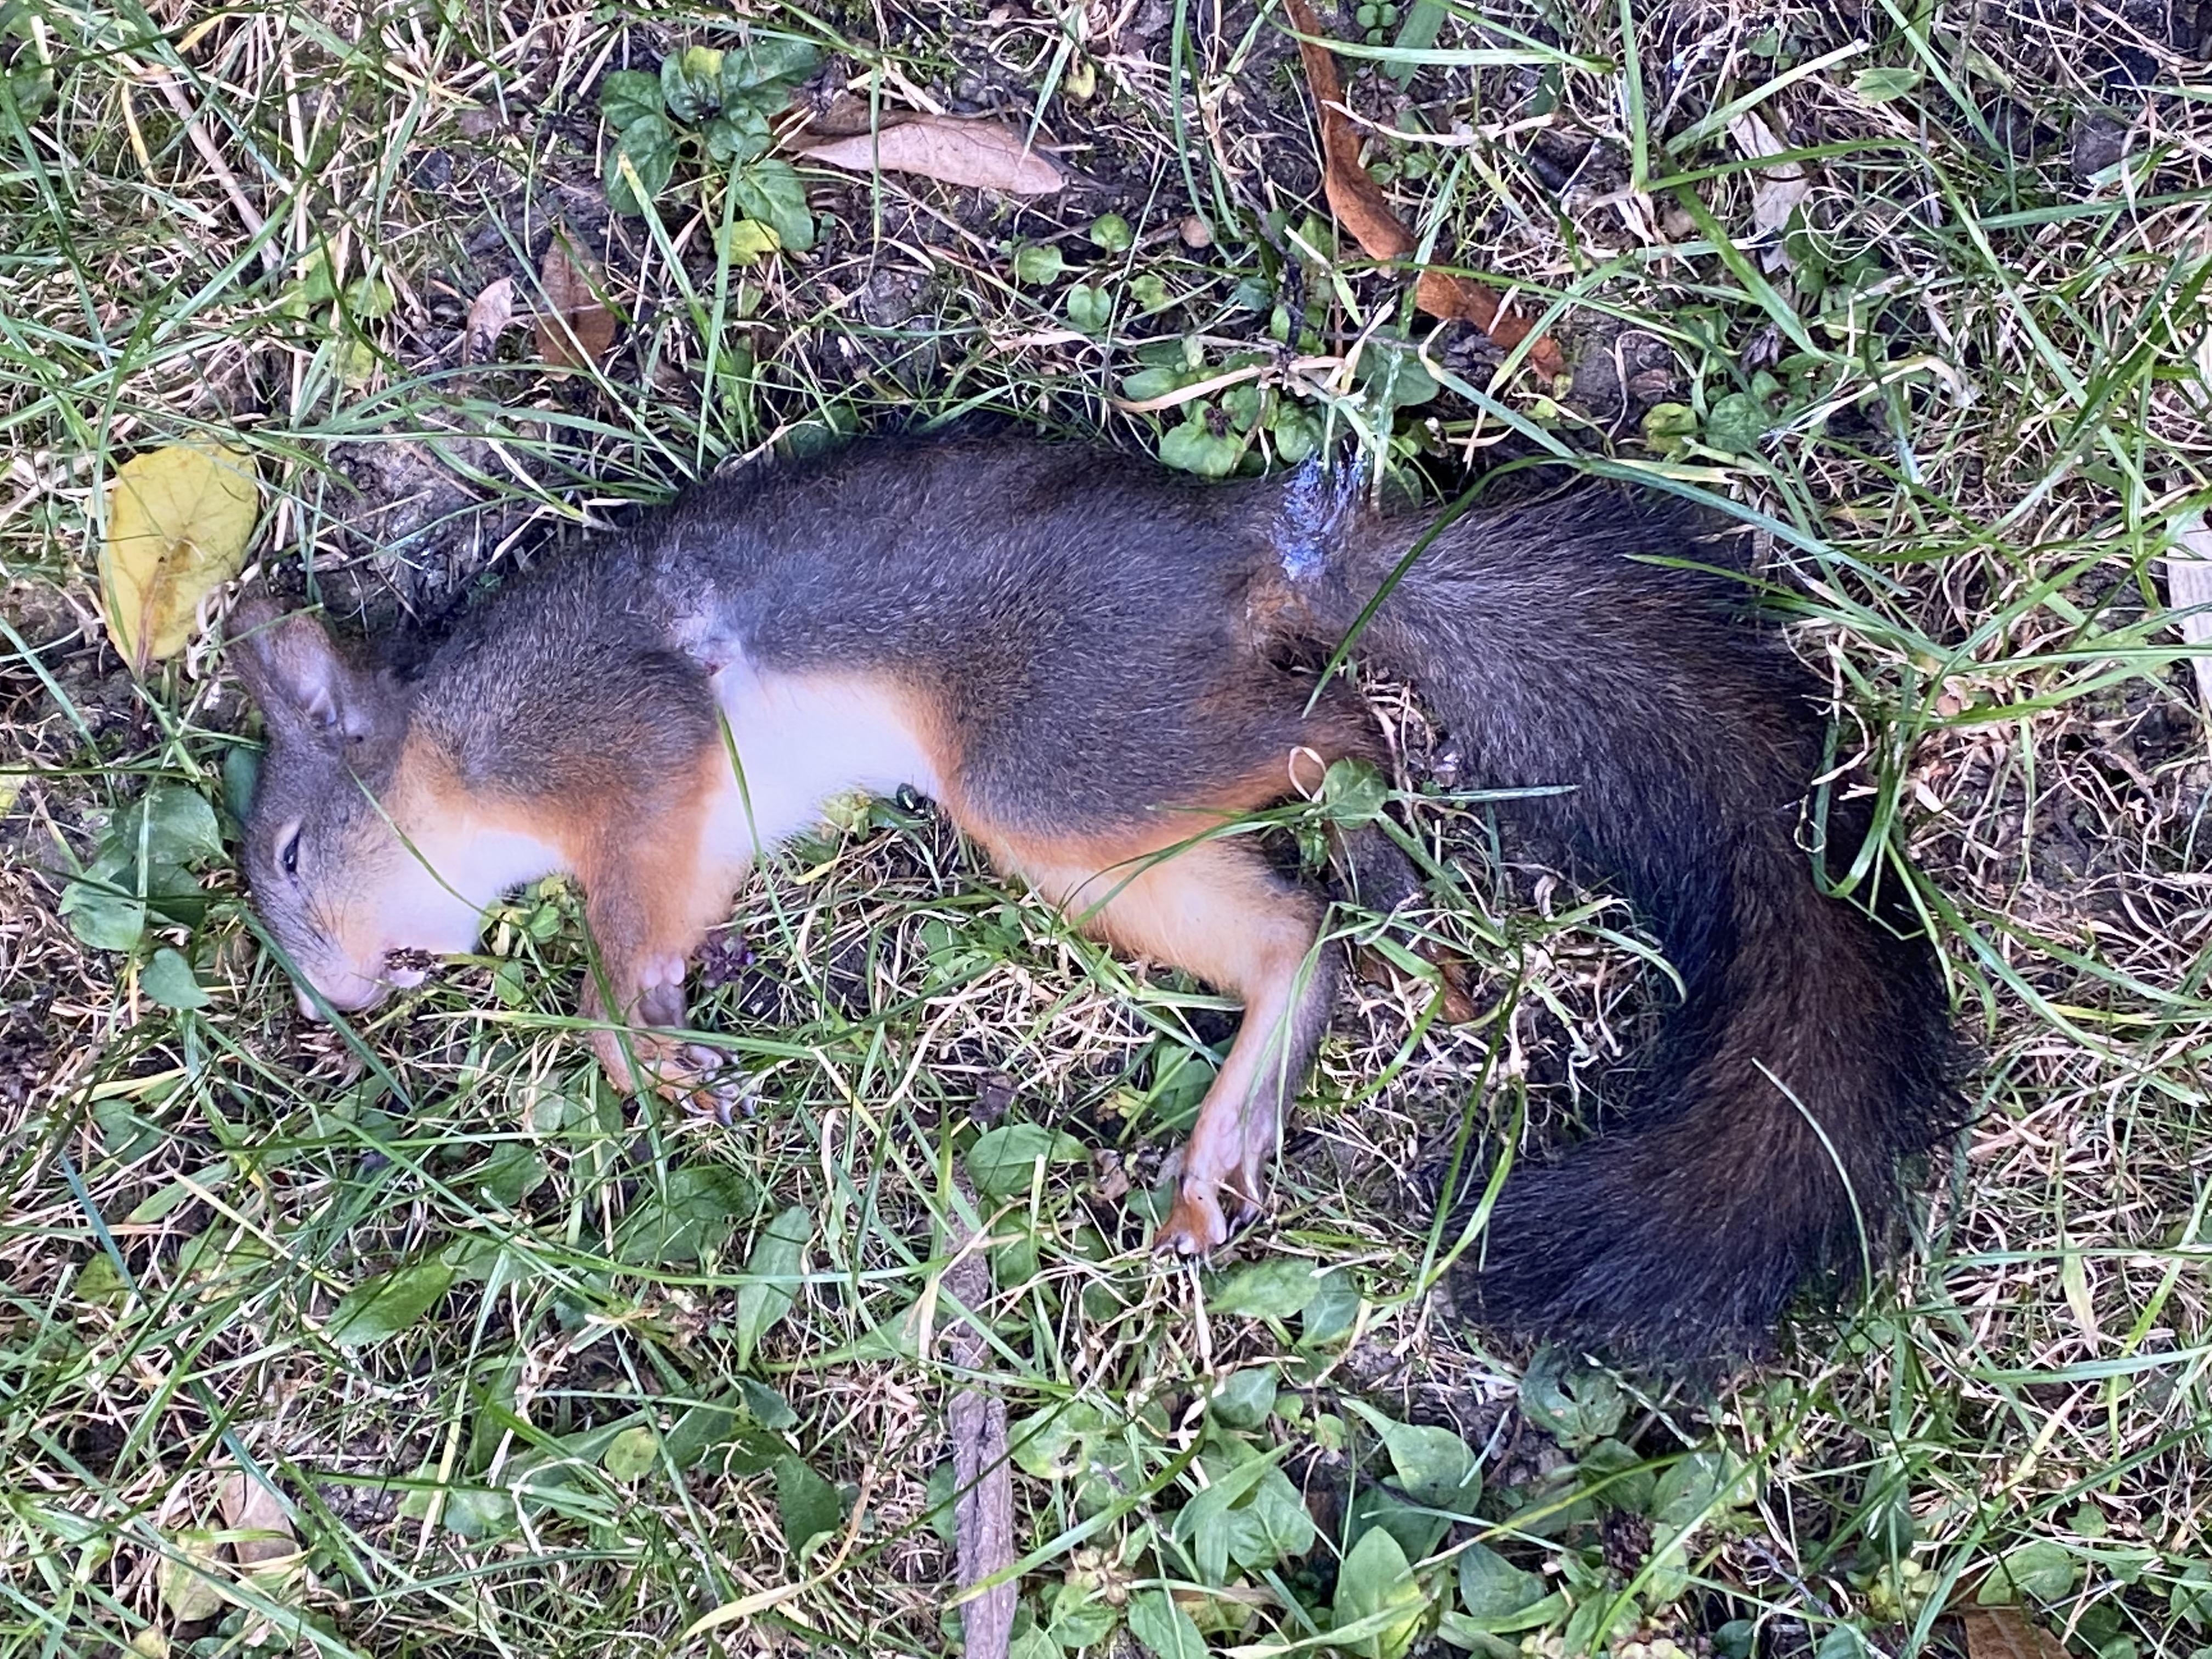 Milyen állat haraphat ketté mókusokat a Moszkva tértől légvonalban 600 méterre?